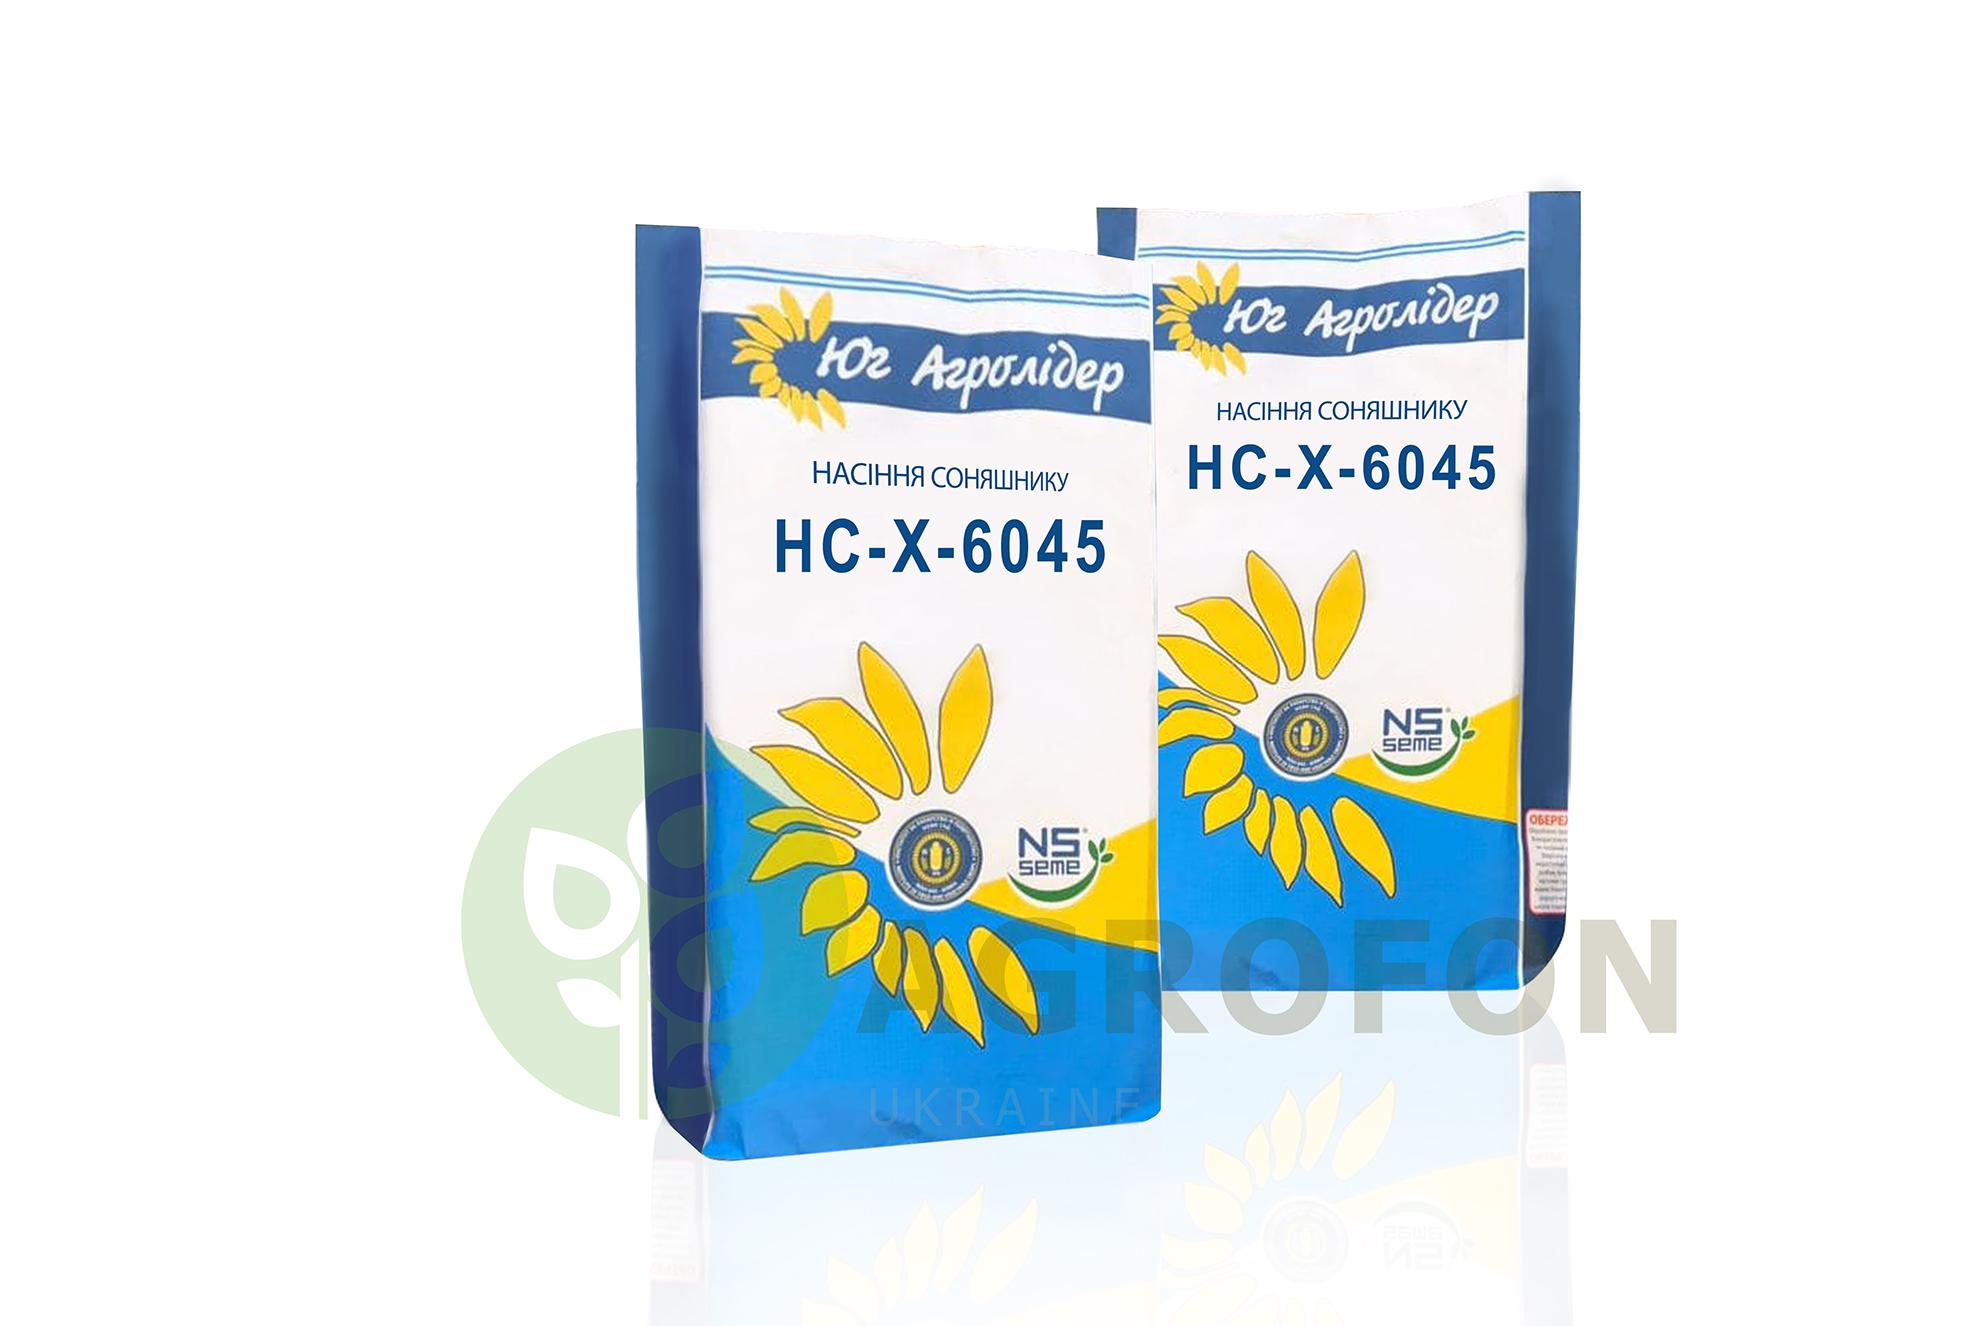 Семена подсолнечника НСХ-6045 в мешках